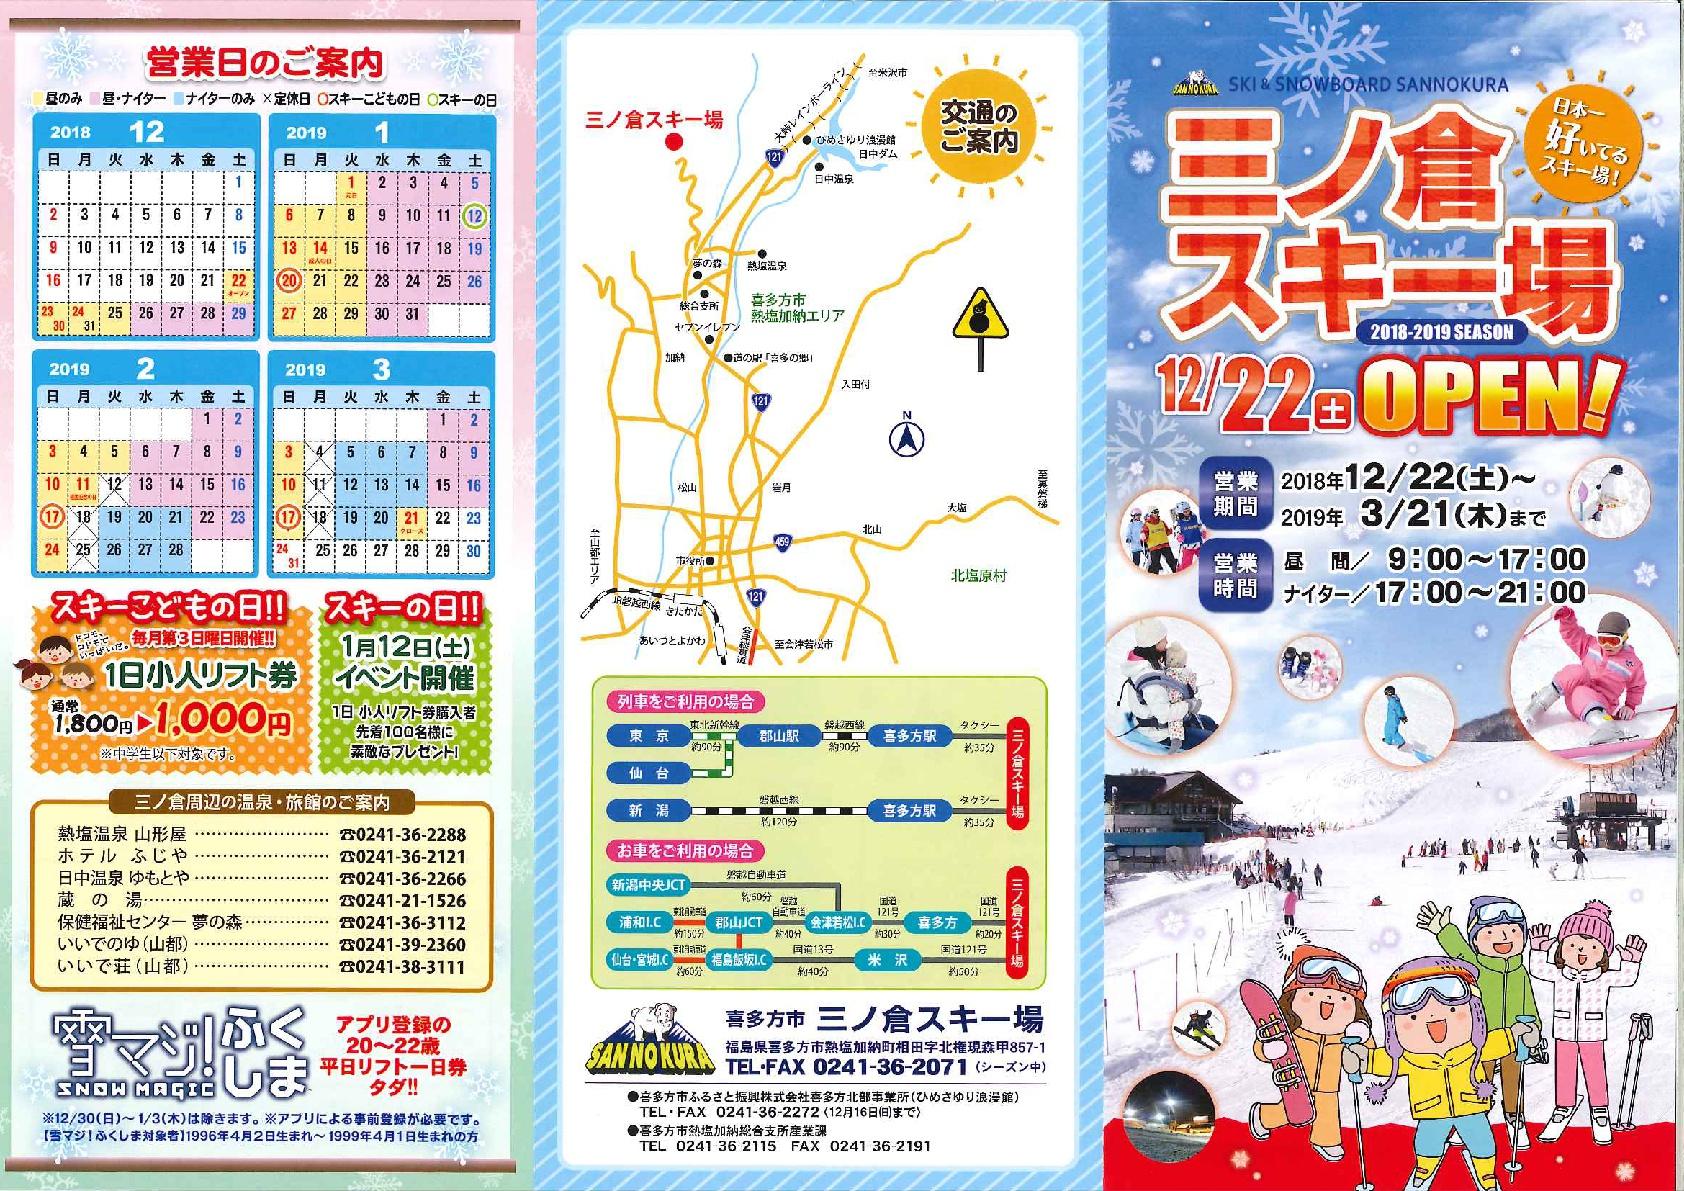 三ノ倉スキー場1